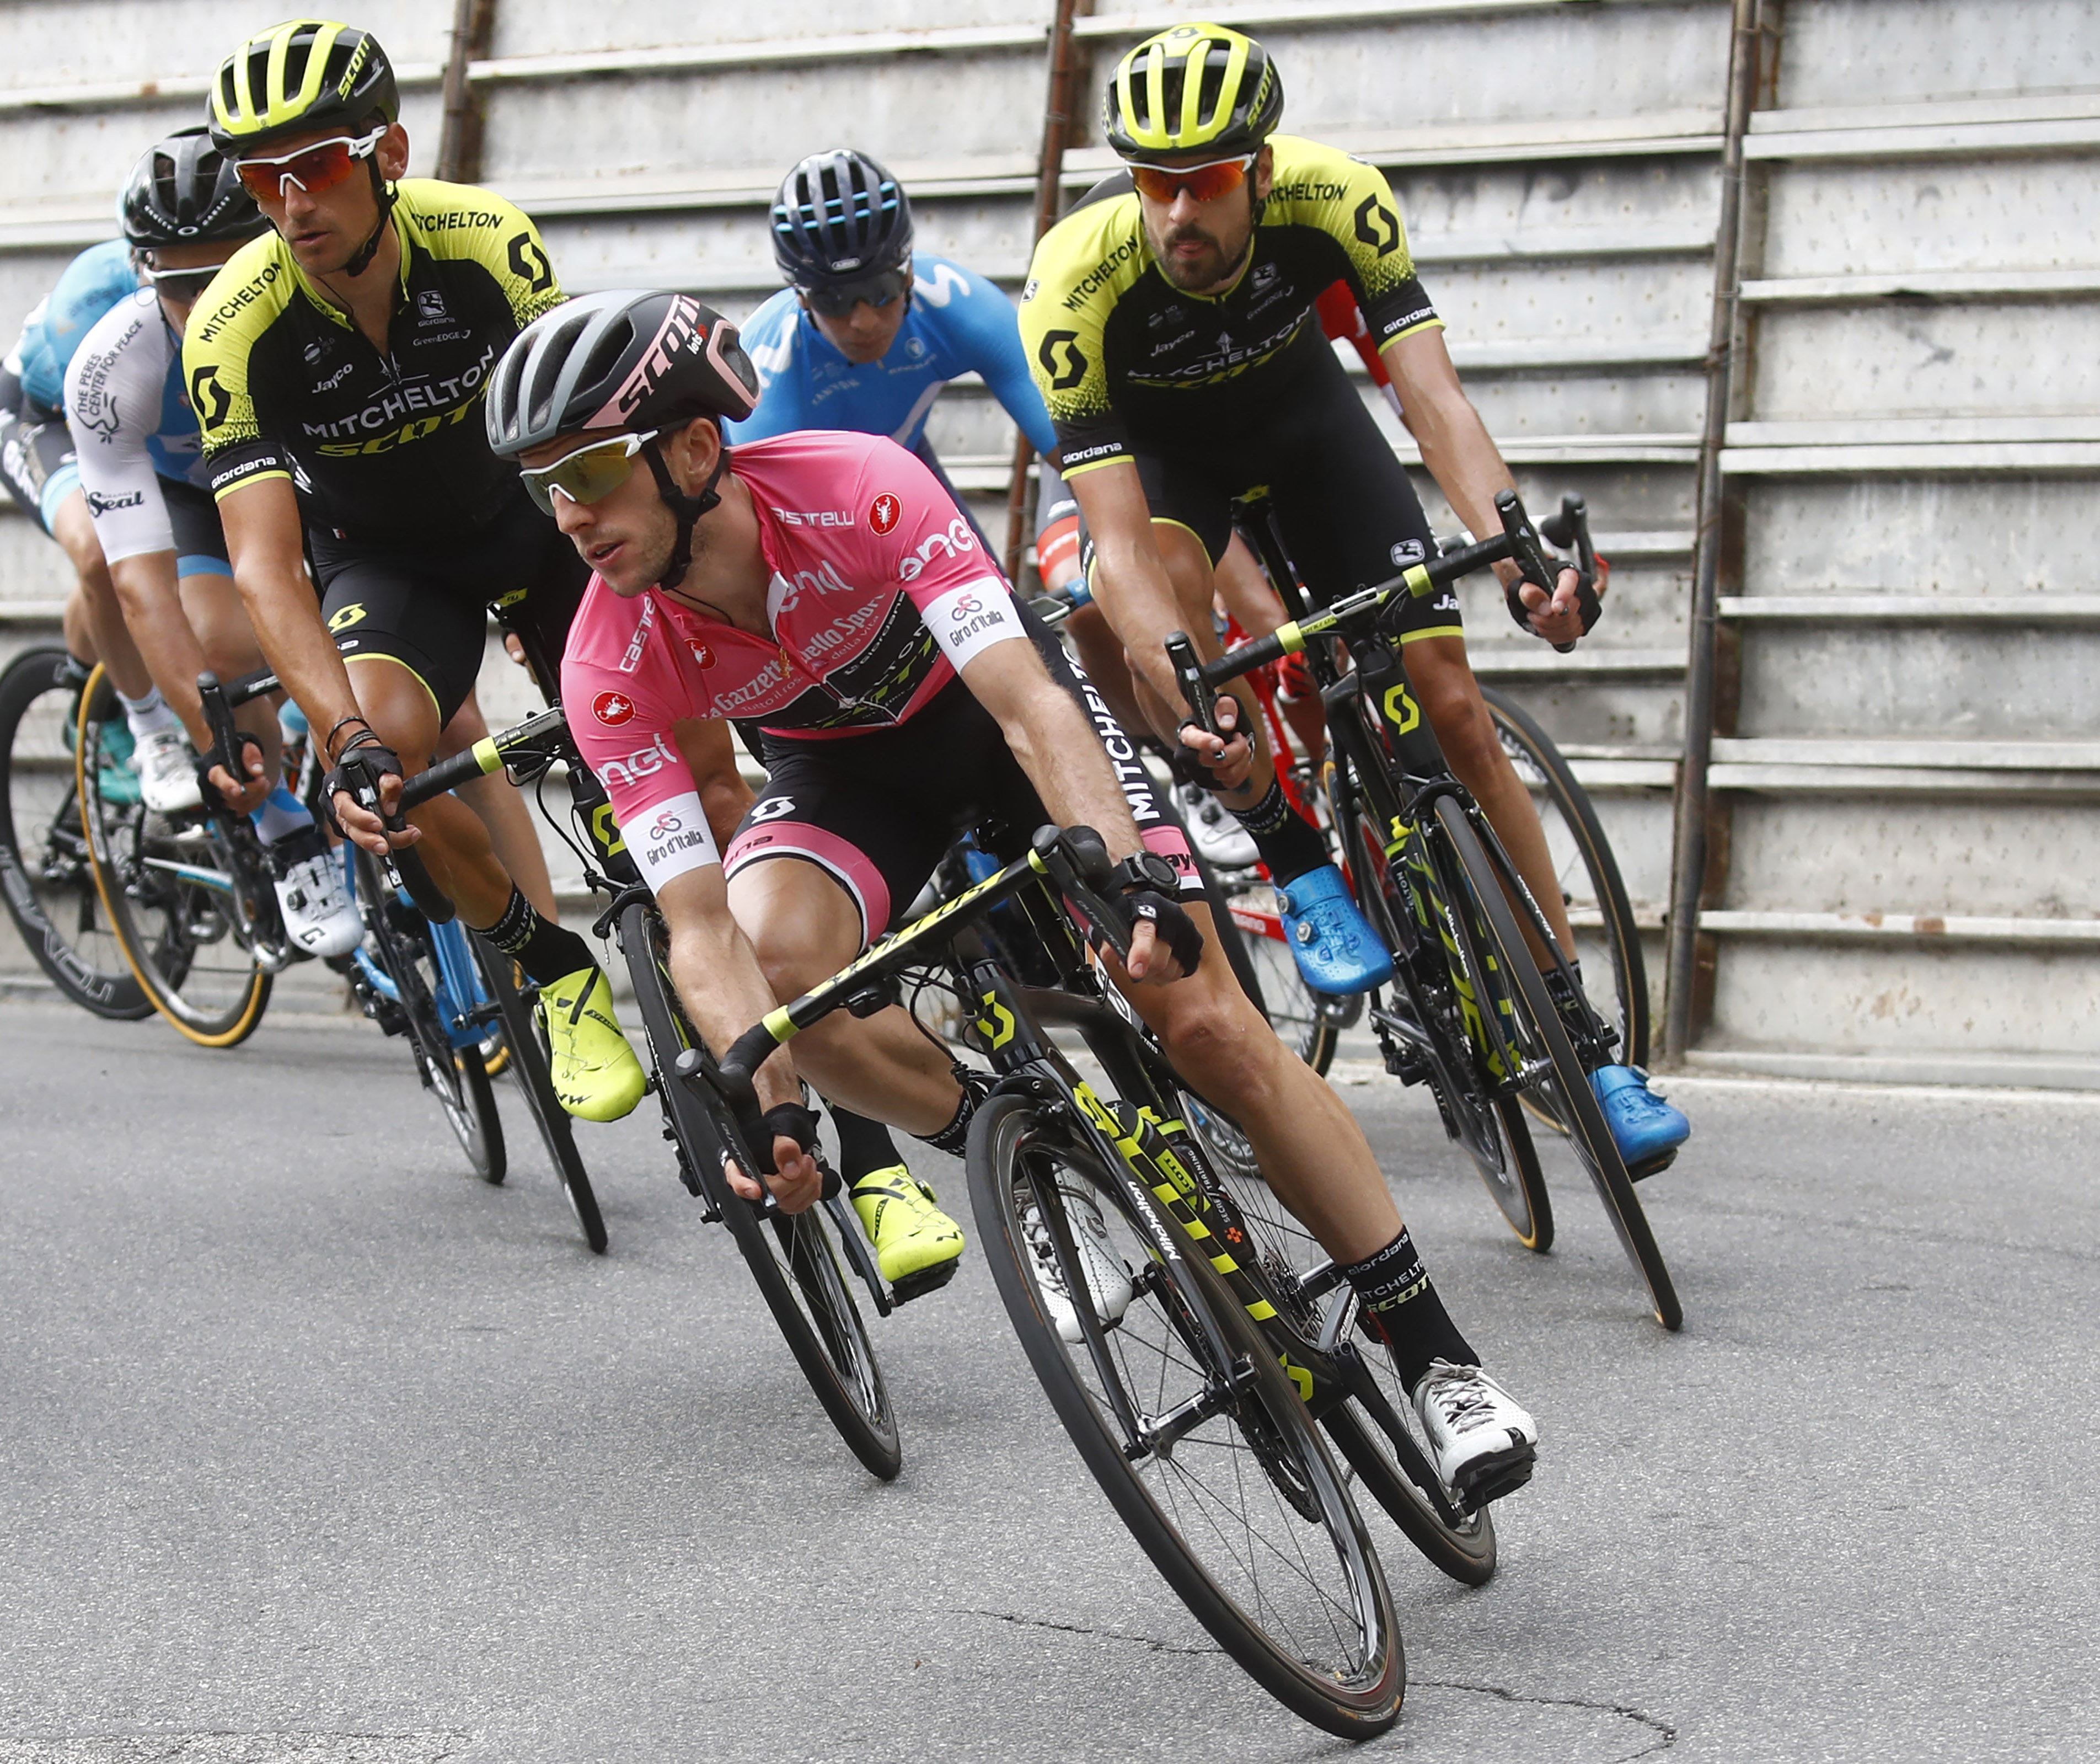 Simon Yates, Giro d'Italia peloton